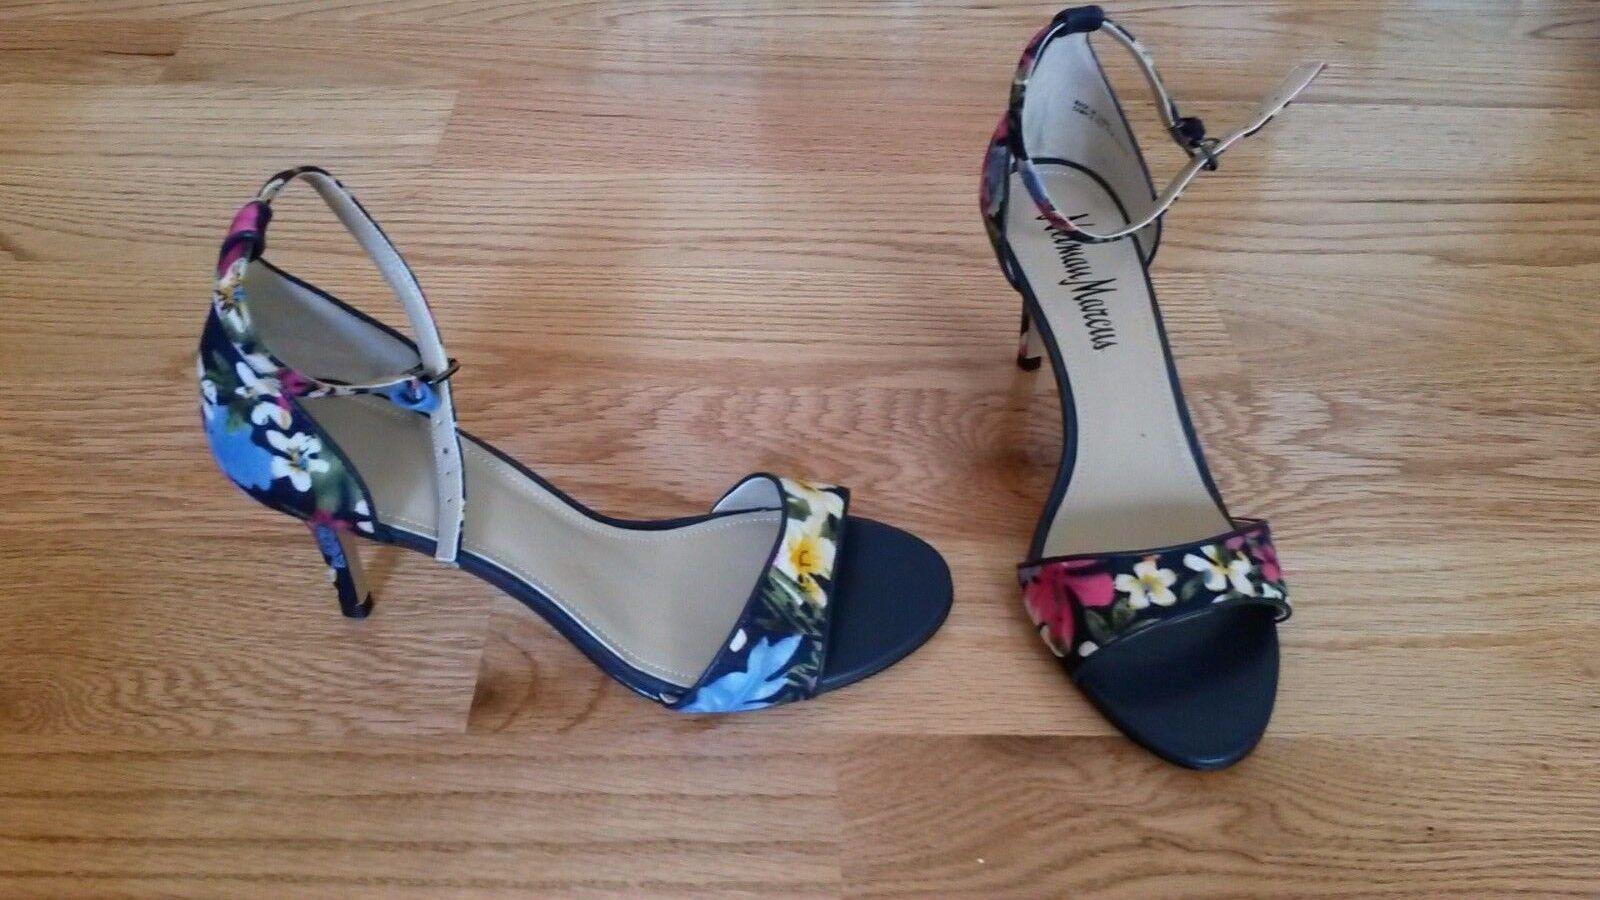 Para mujeres Marcus zapatos  Neiman Marcus mujeres nuevos Tacones altos Tamaño 7 3298f0